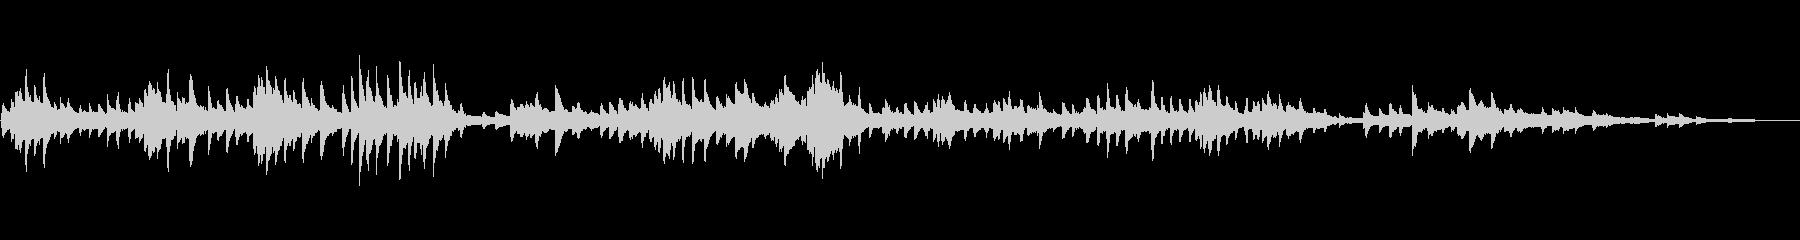 ショパン24の前奏曲第6番ロ短調の未再生の波形